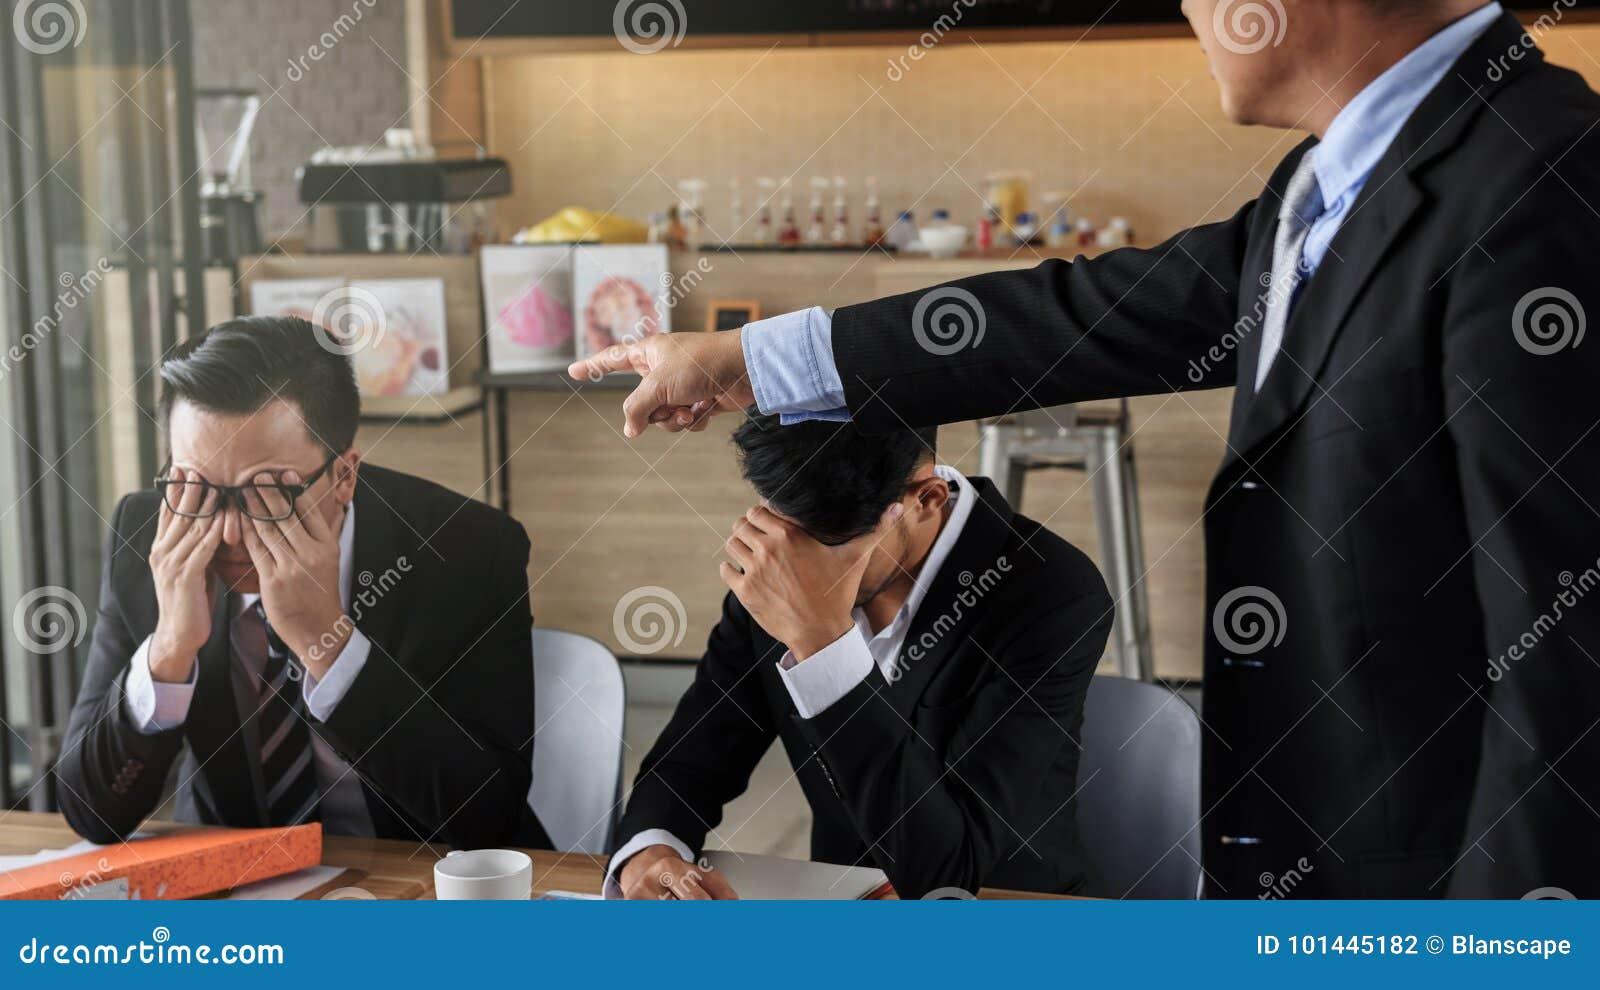 Молодой бизнесмен обвиненный и усиленный боссом